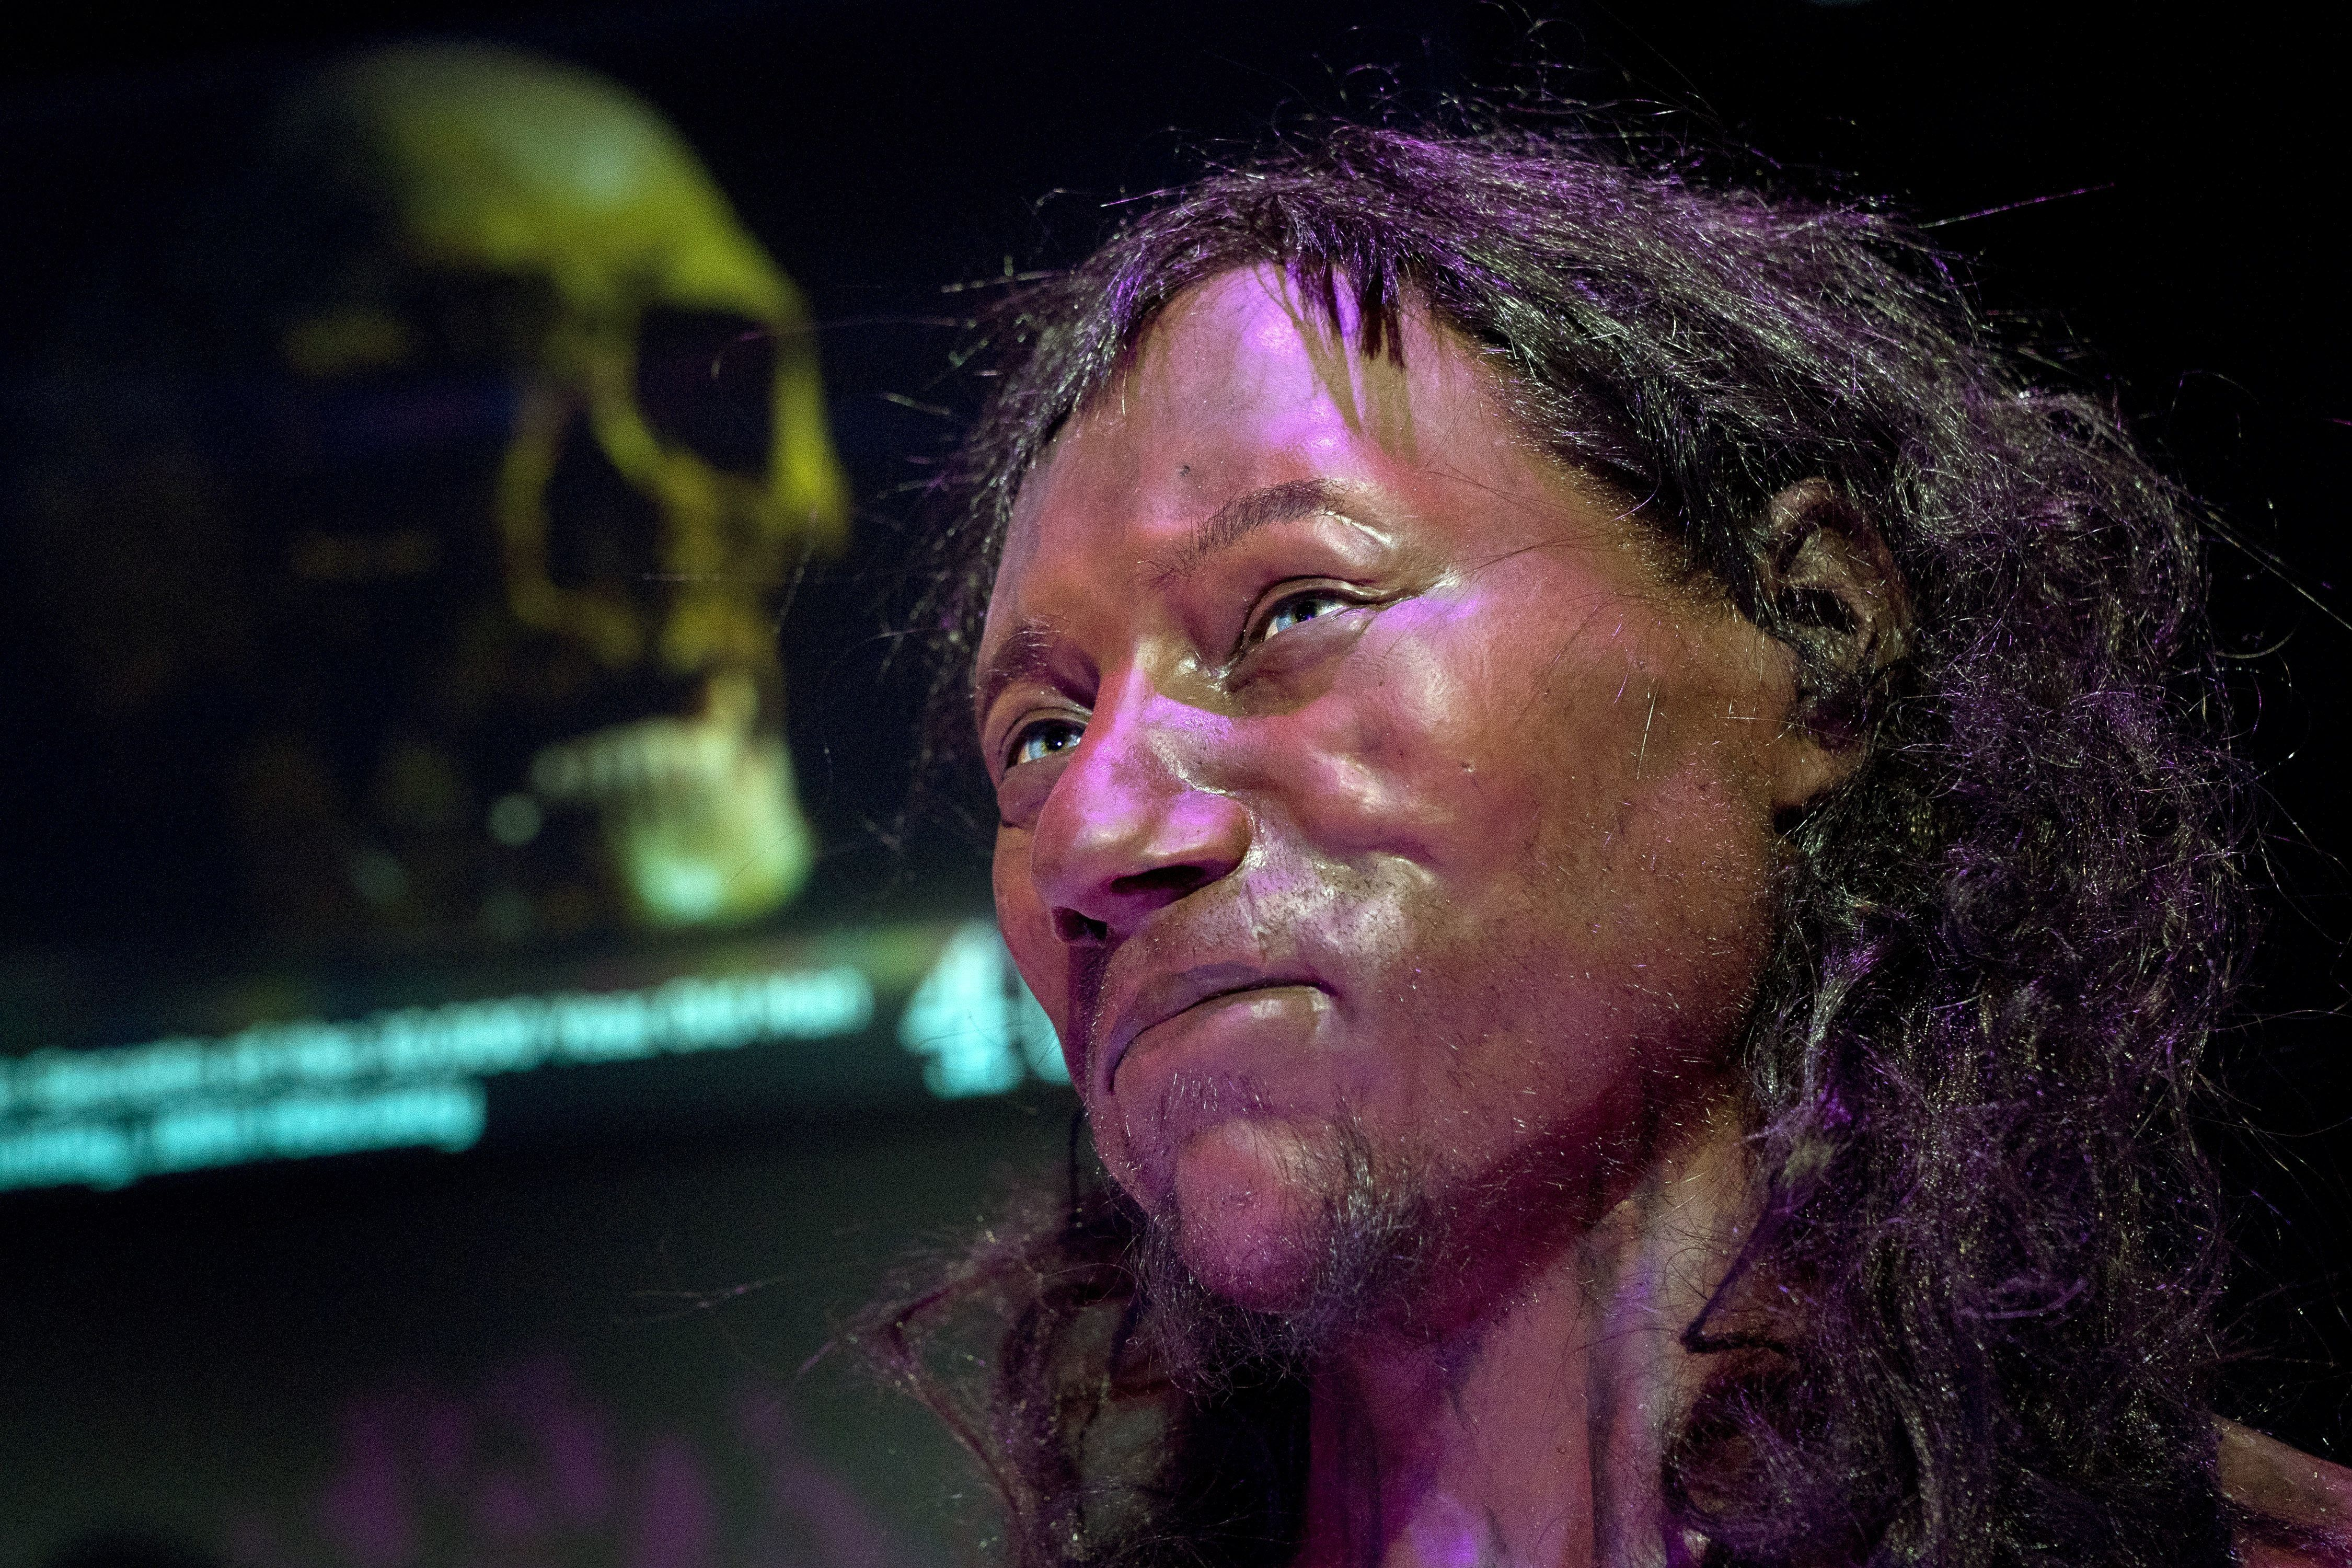 Πώς ο «Cheddar Man» μας αναγκάζει να αναθεωρήσουμε βεβαιότητες και θεωρίες περί φυλετικών